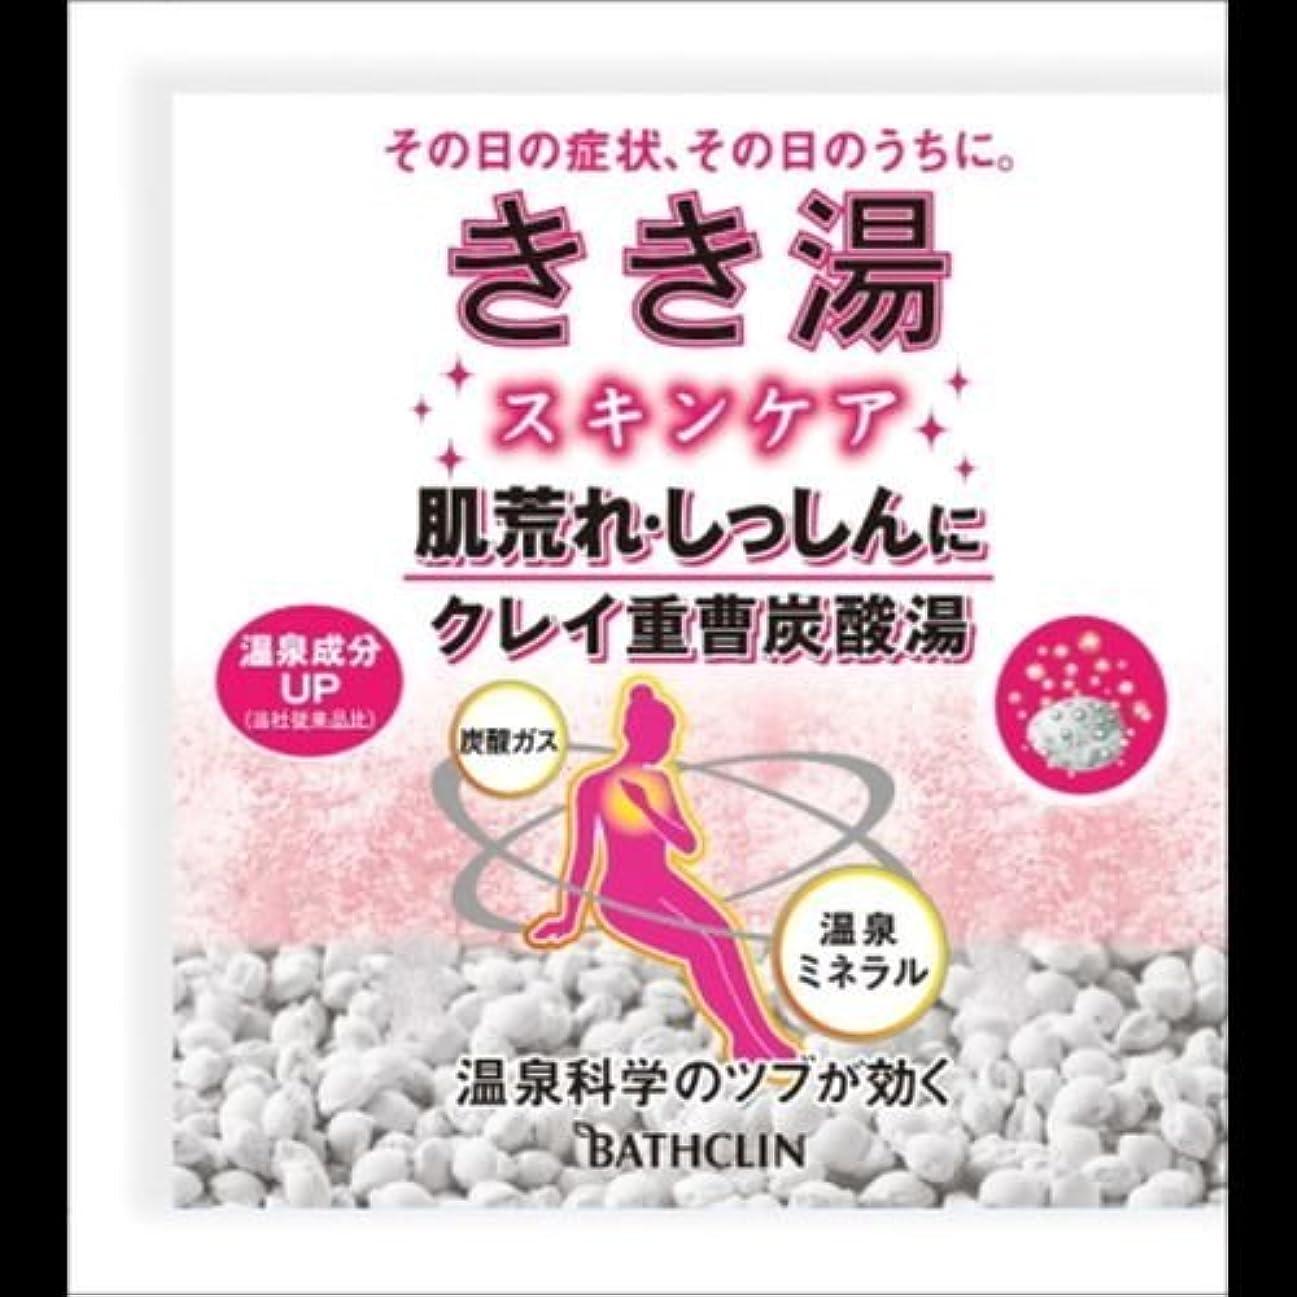 容器義務付けられたレスリング【まとめ買い】きき湯 クレイ重曹炭酸湯 30g(入浴剤) ×2セット